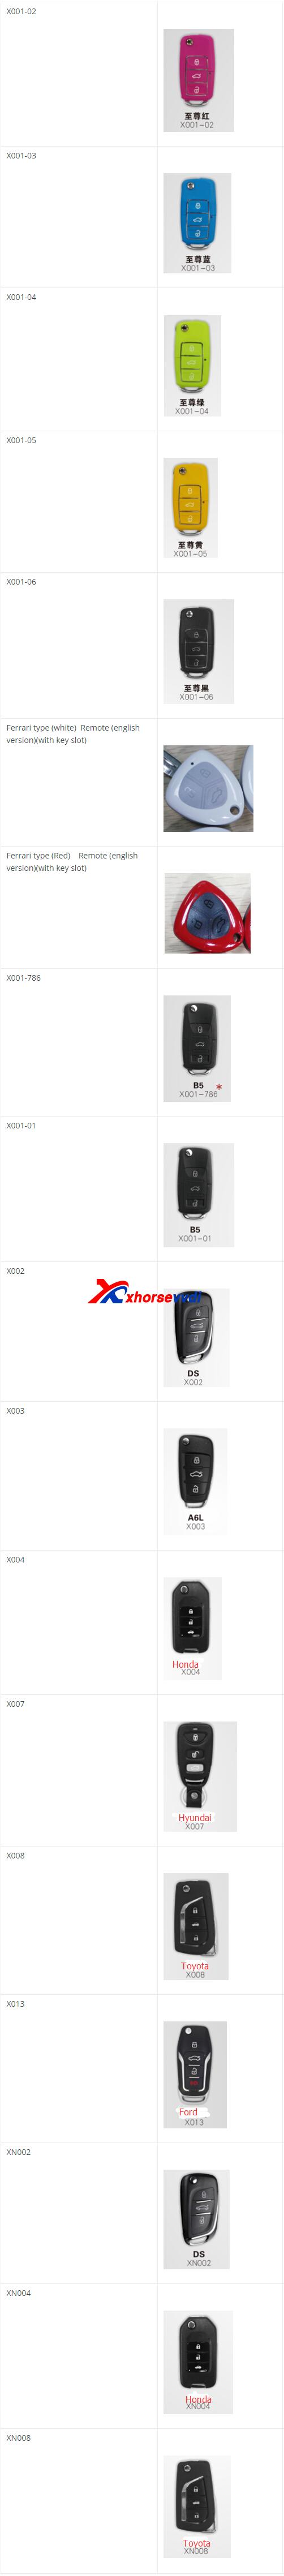 vvdi-key-tool-english-remote-key